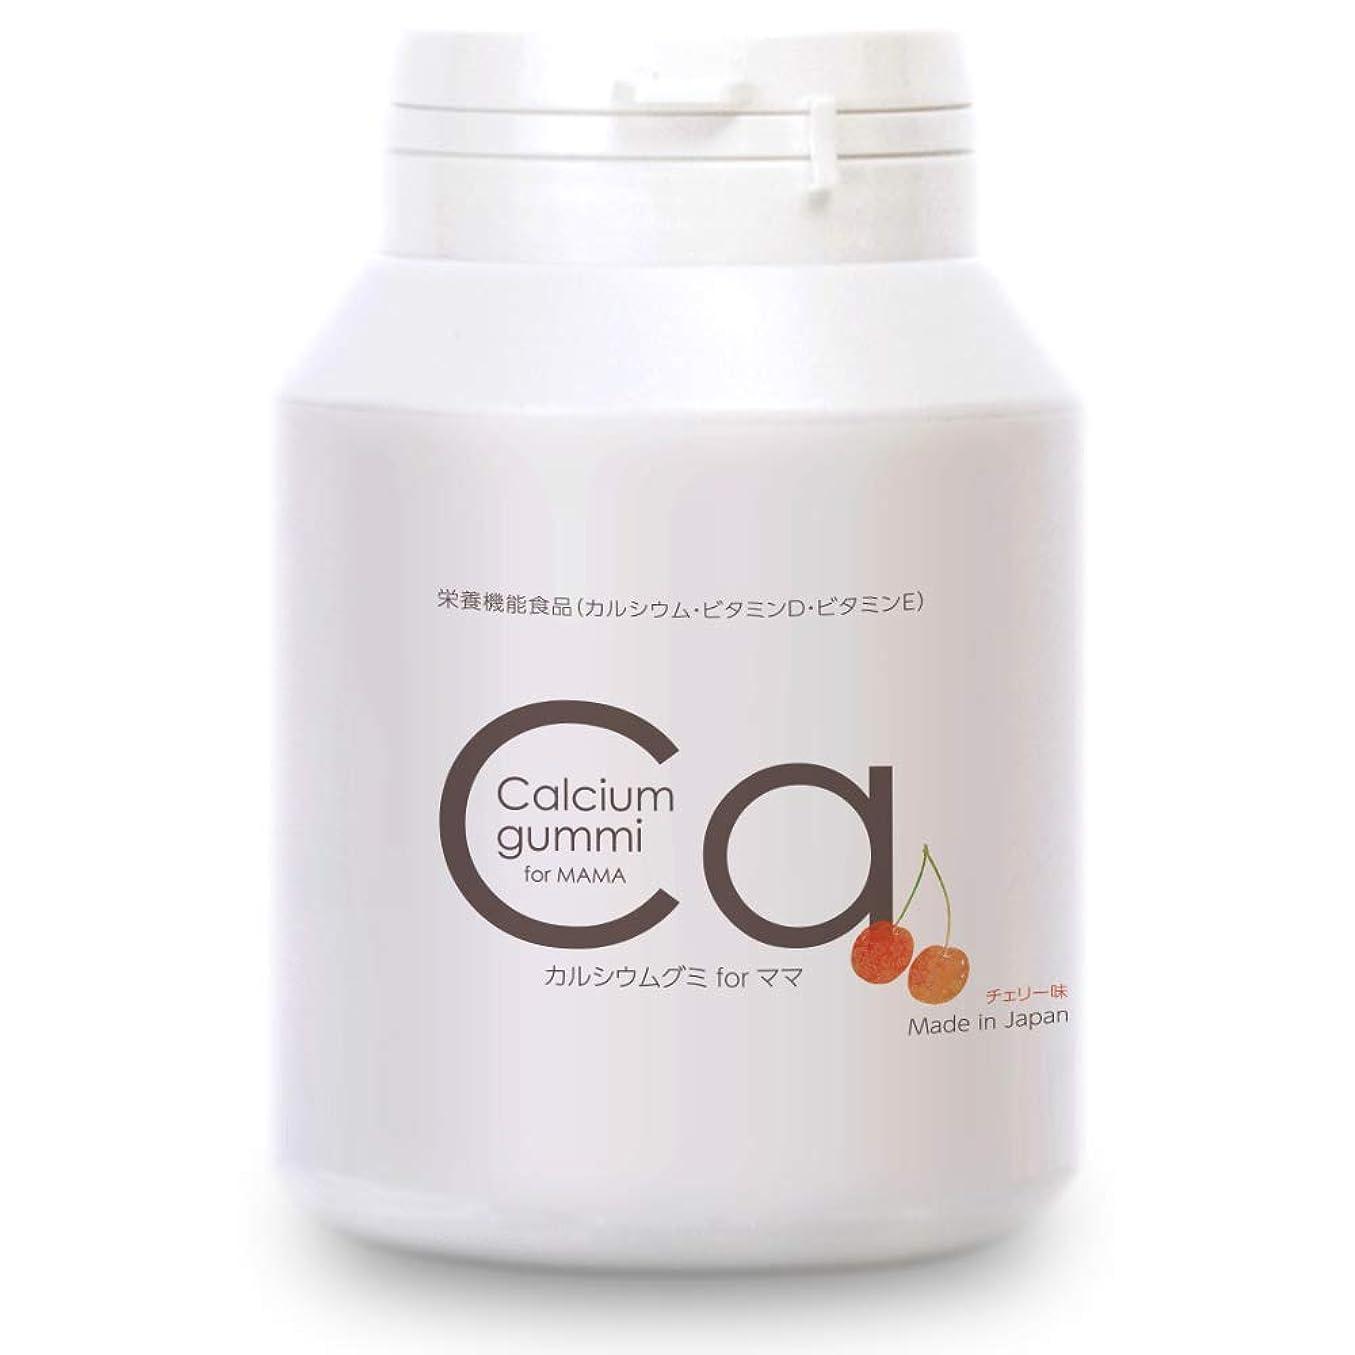 メタンクレアバッフル女性サプリ カルシウムグミ for ママ チェリー味 1箱30日分 カルシウム ビタミンD マグネシウム 植物性乳酸菌 ゆらぎ期 女性に嬉しい美容成分配合 栄養機能食品